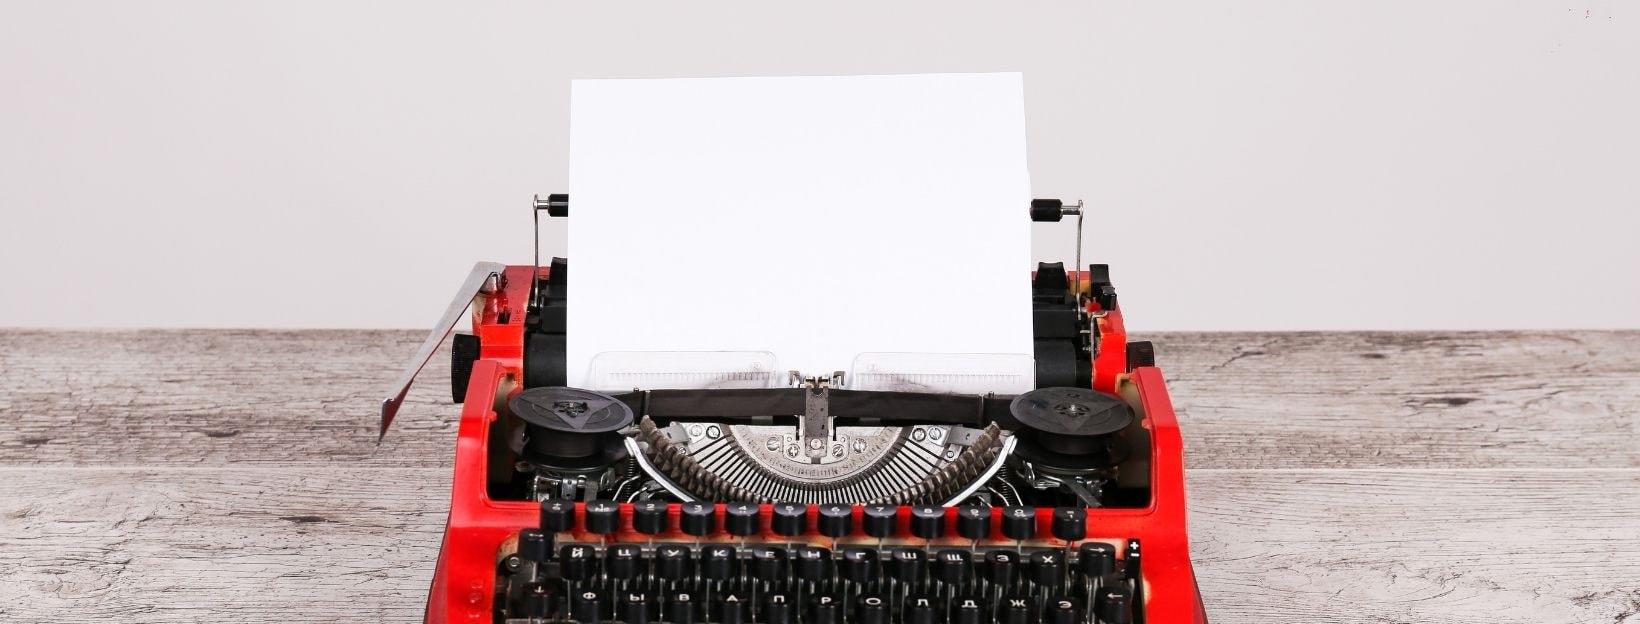 BANNER-Canva-MADaturVnfE-white-page-in-typewriter-maschine